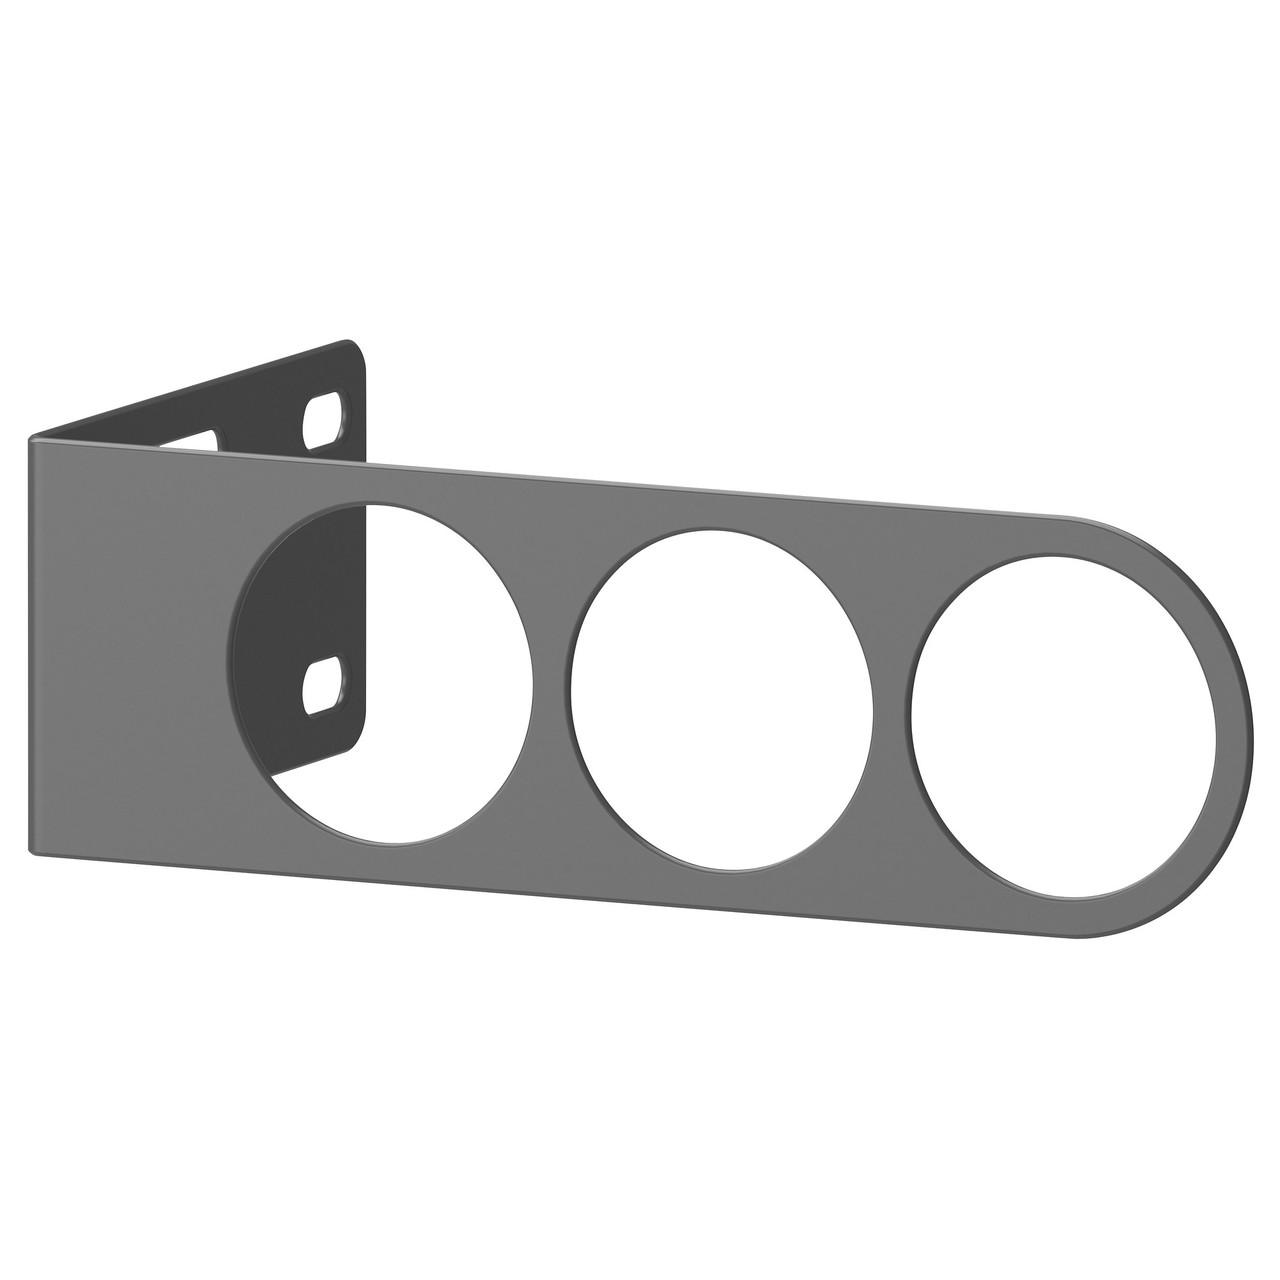 KOMPLEMENT Вешалка для плечиков, темно-серый 602.571.82